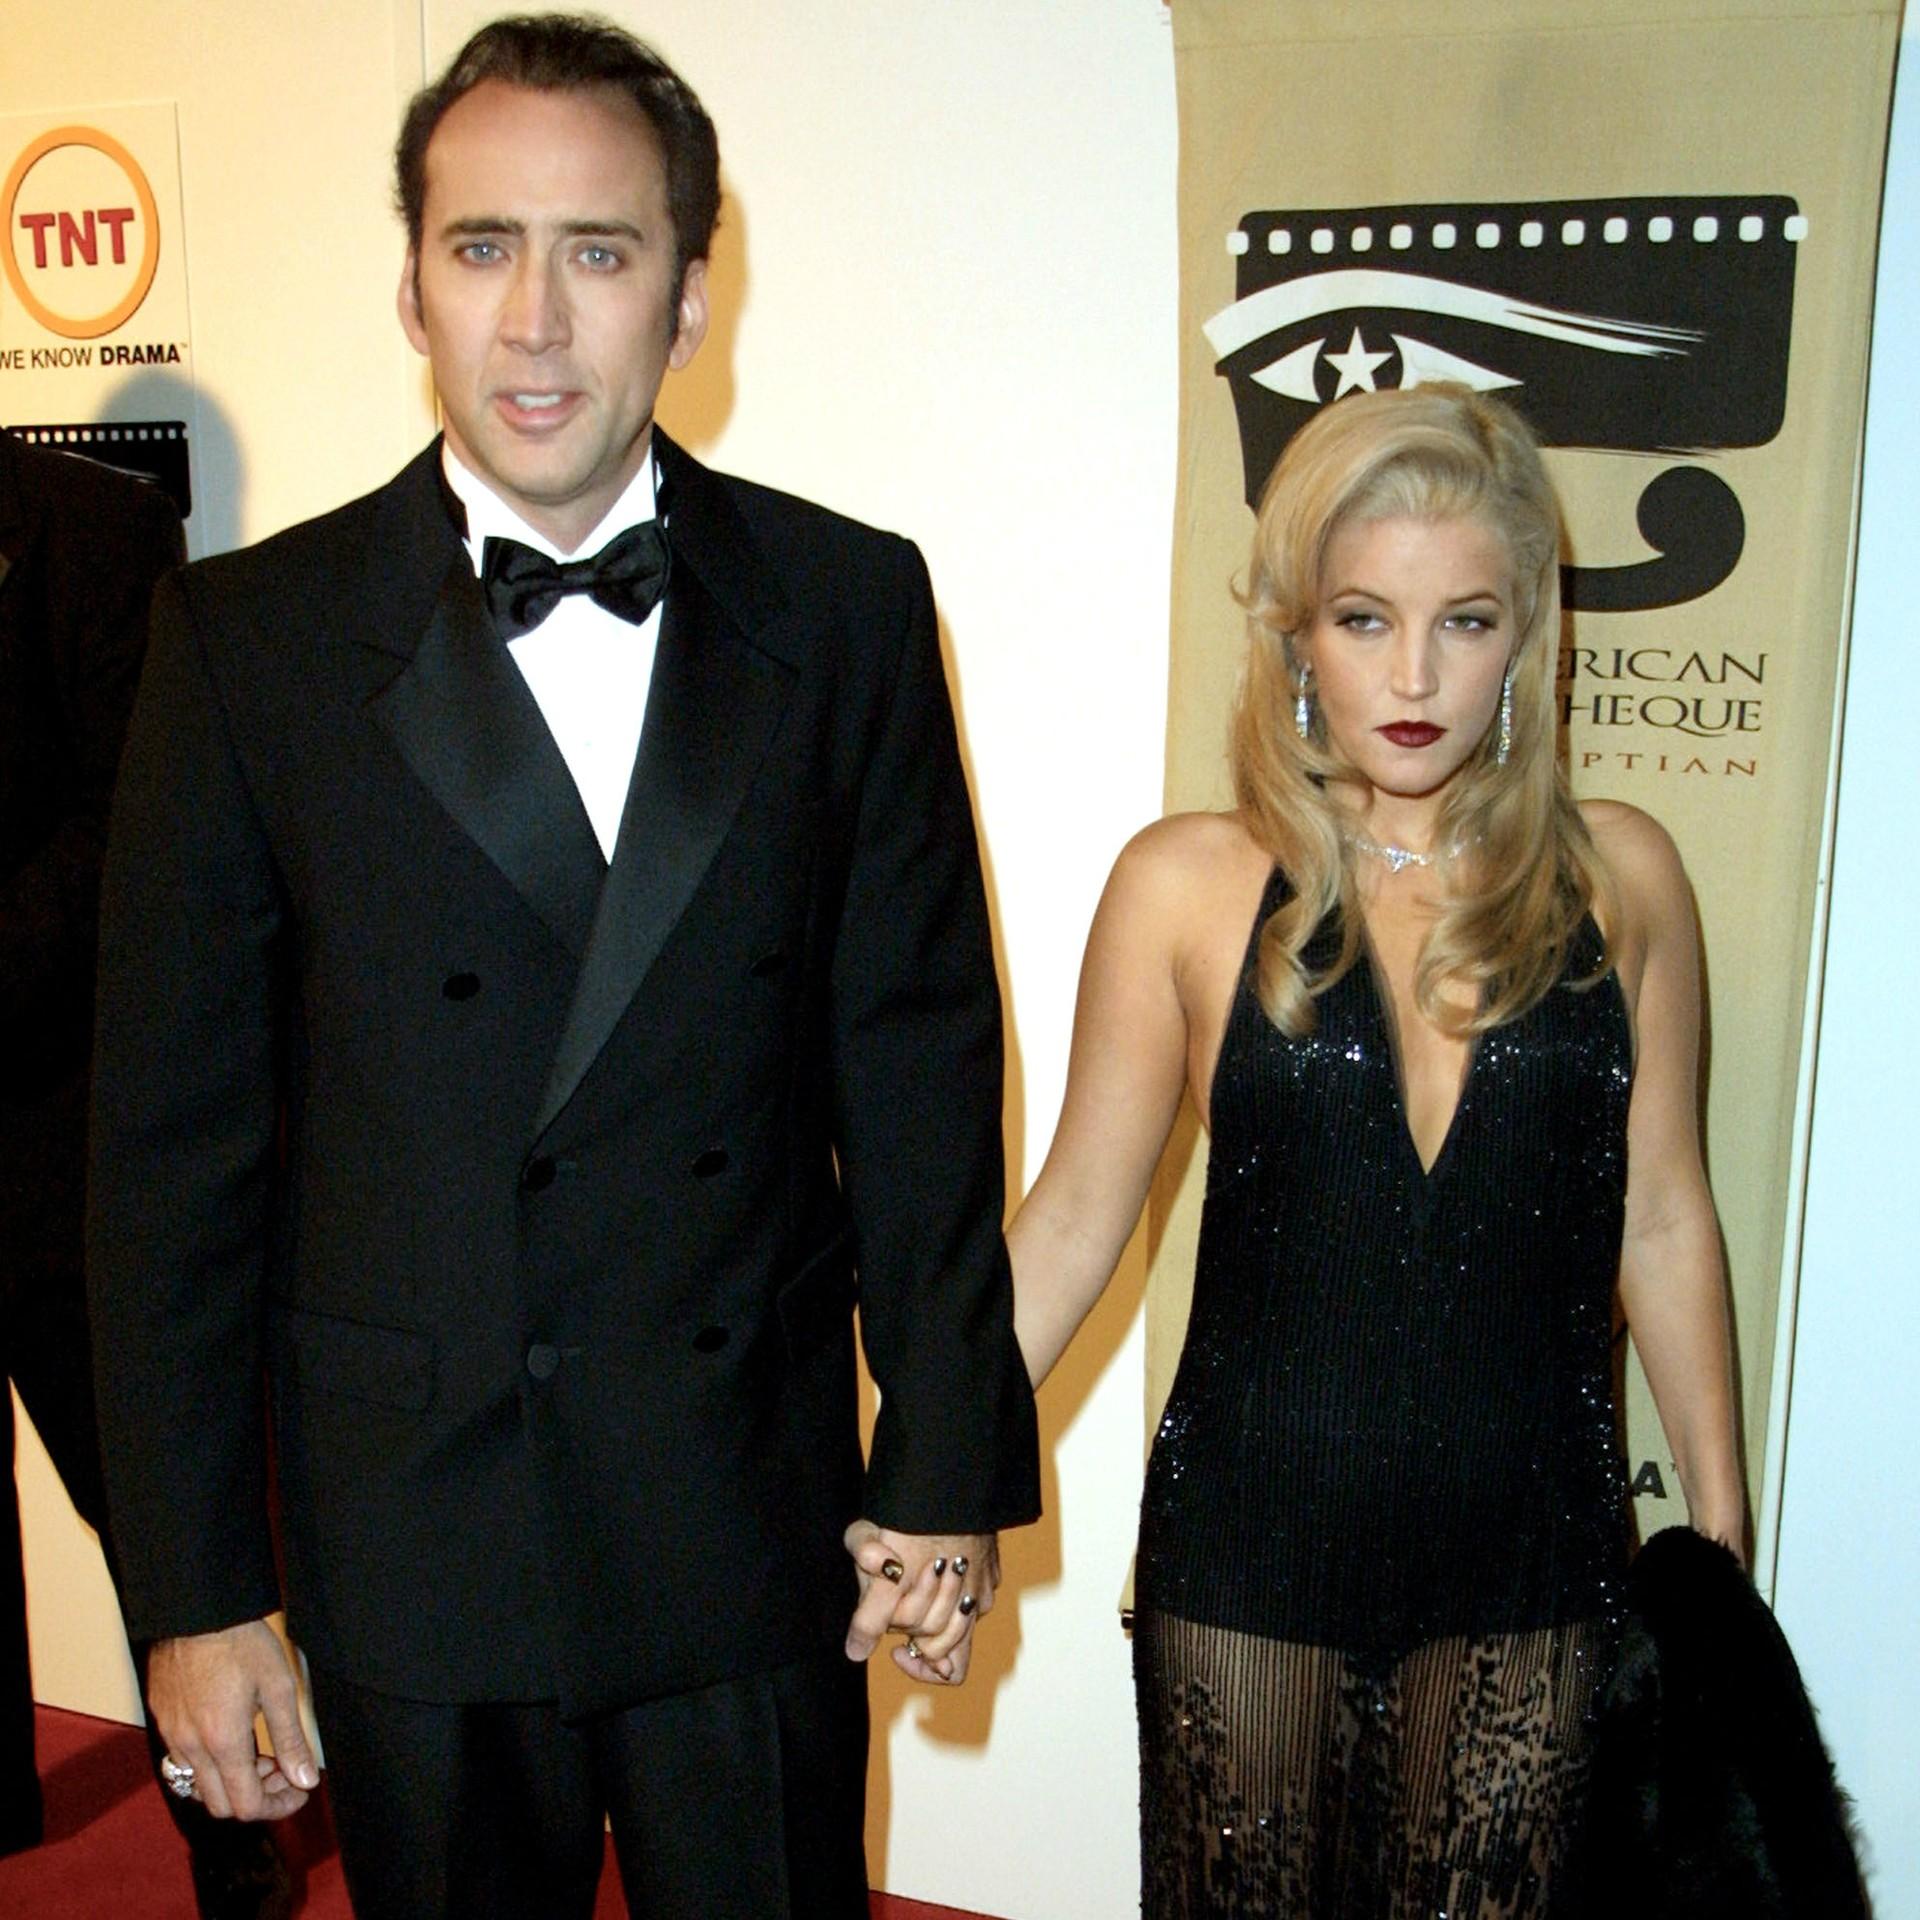 O ator Nicolas Cage, de 50 anos, se casou com a filha de Elvis Presley, Lisa Marie Presley, de 46, em agosto de 2002. Antes de aquele ano acabar, os dois já estavam se divorciando. (Foto: Getty Images)